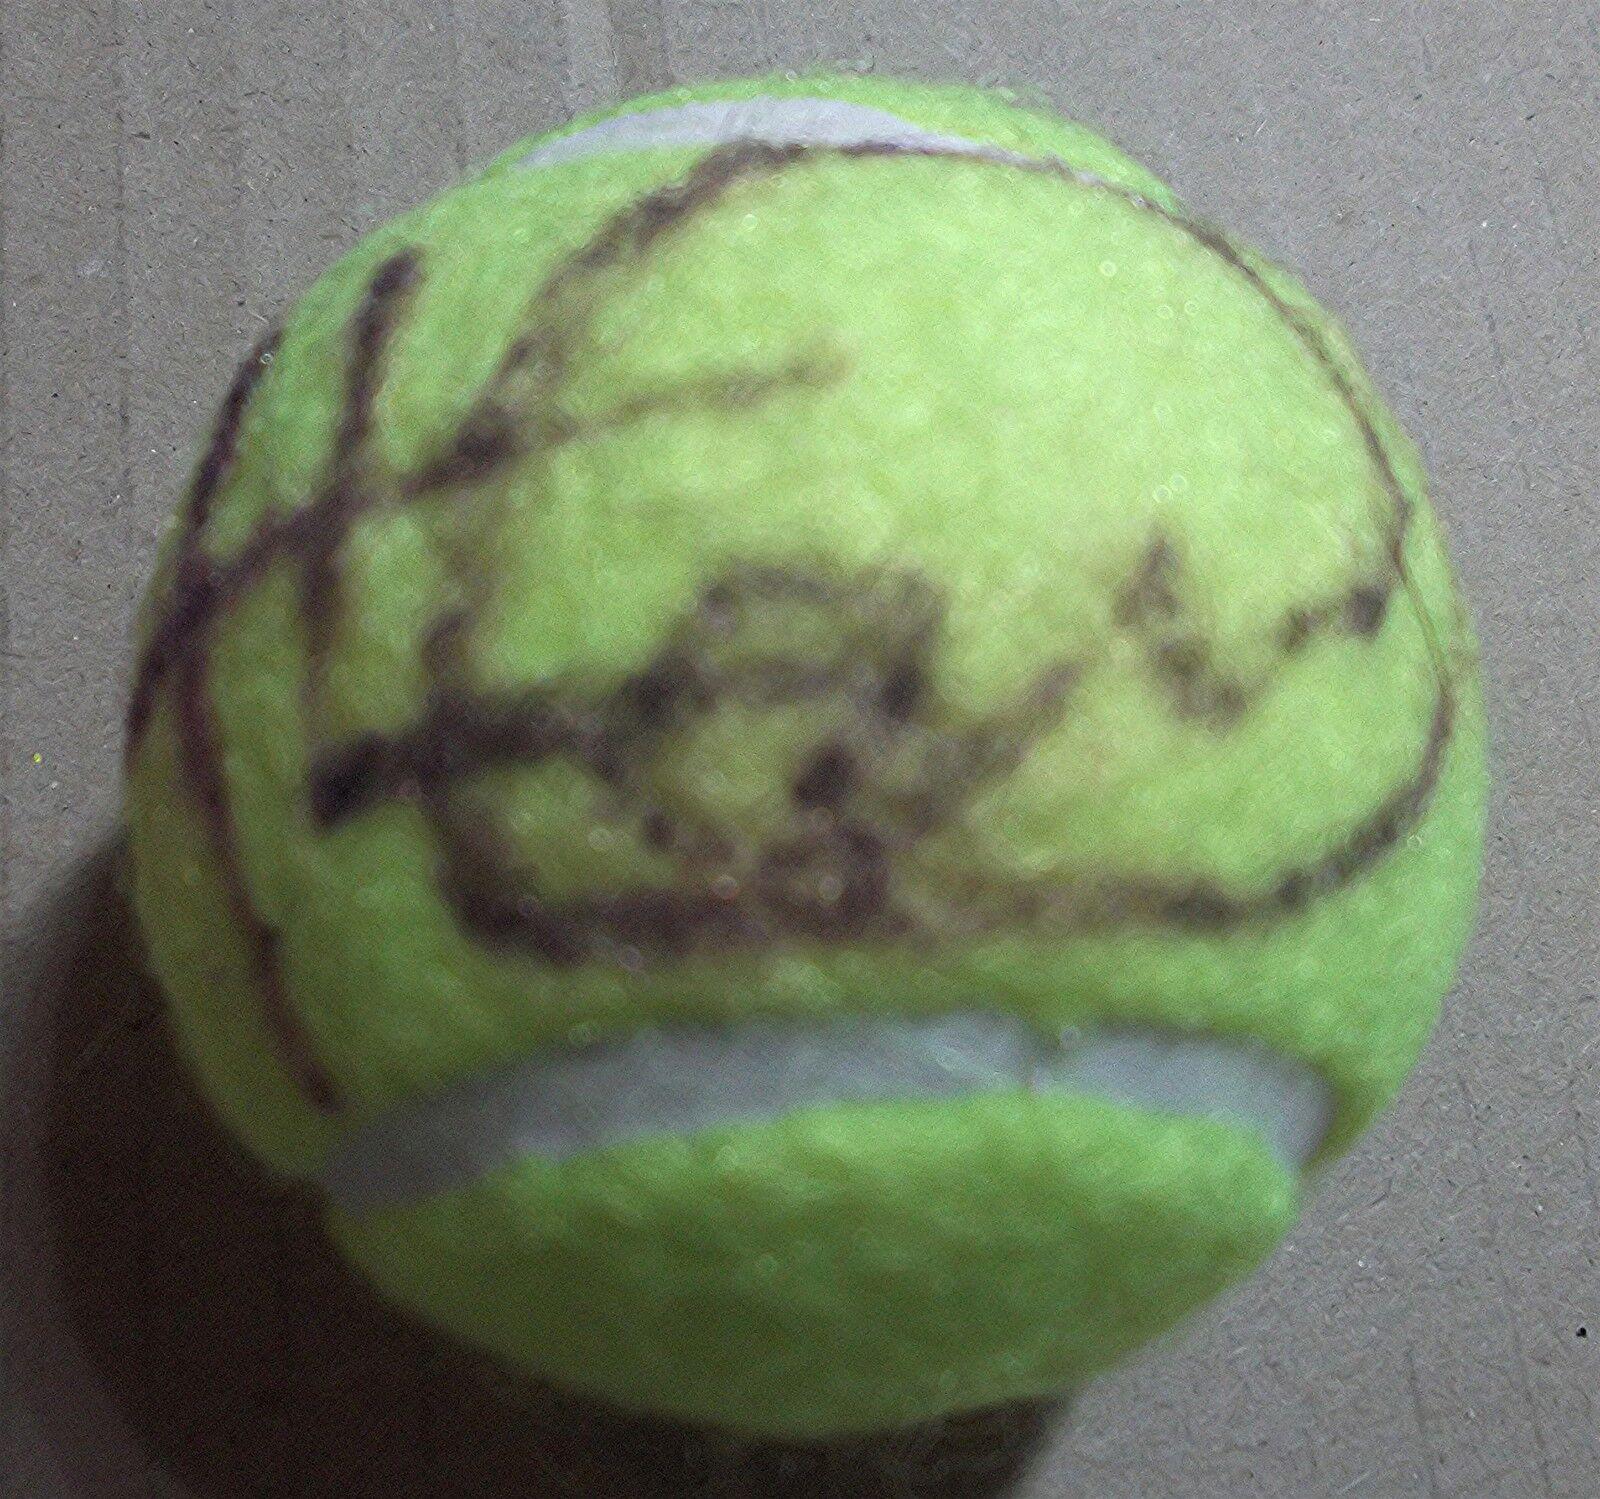 LLEYTON HEWITT- HAND SIGNED - TENNIS BALL